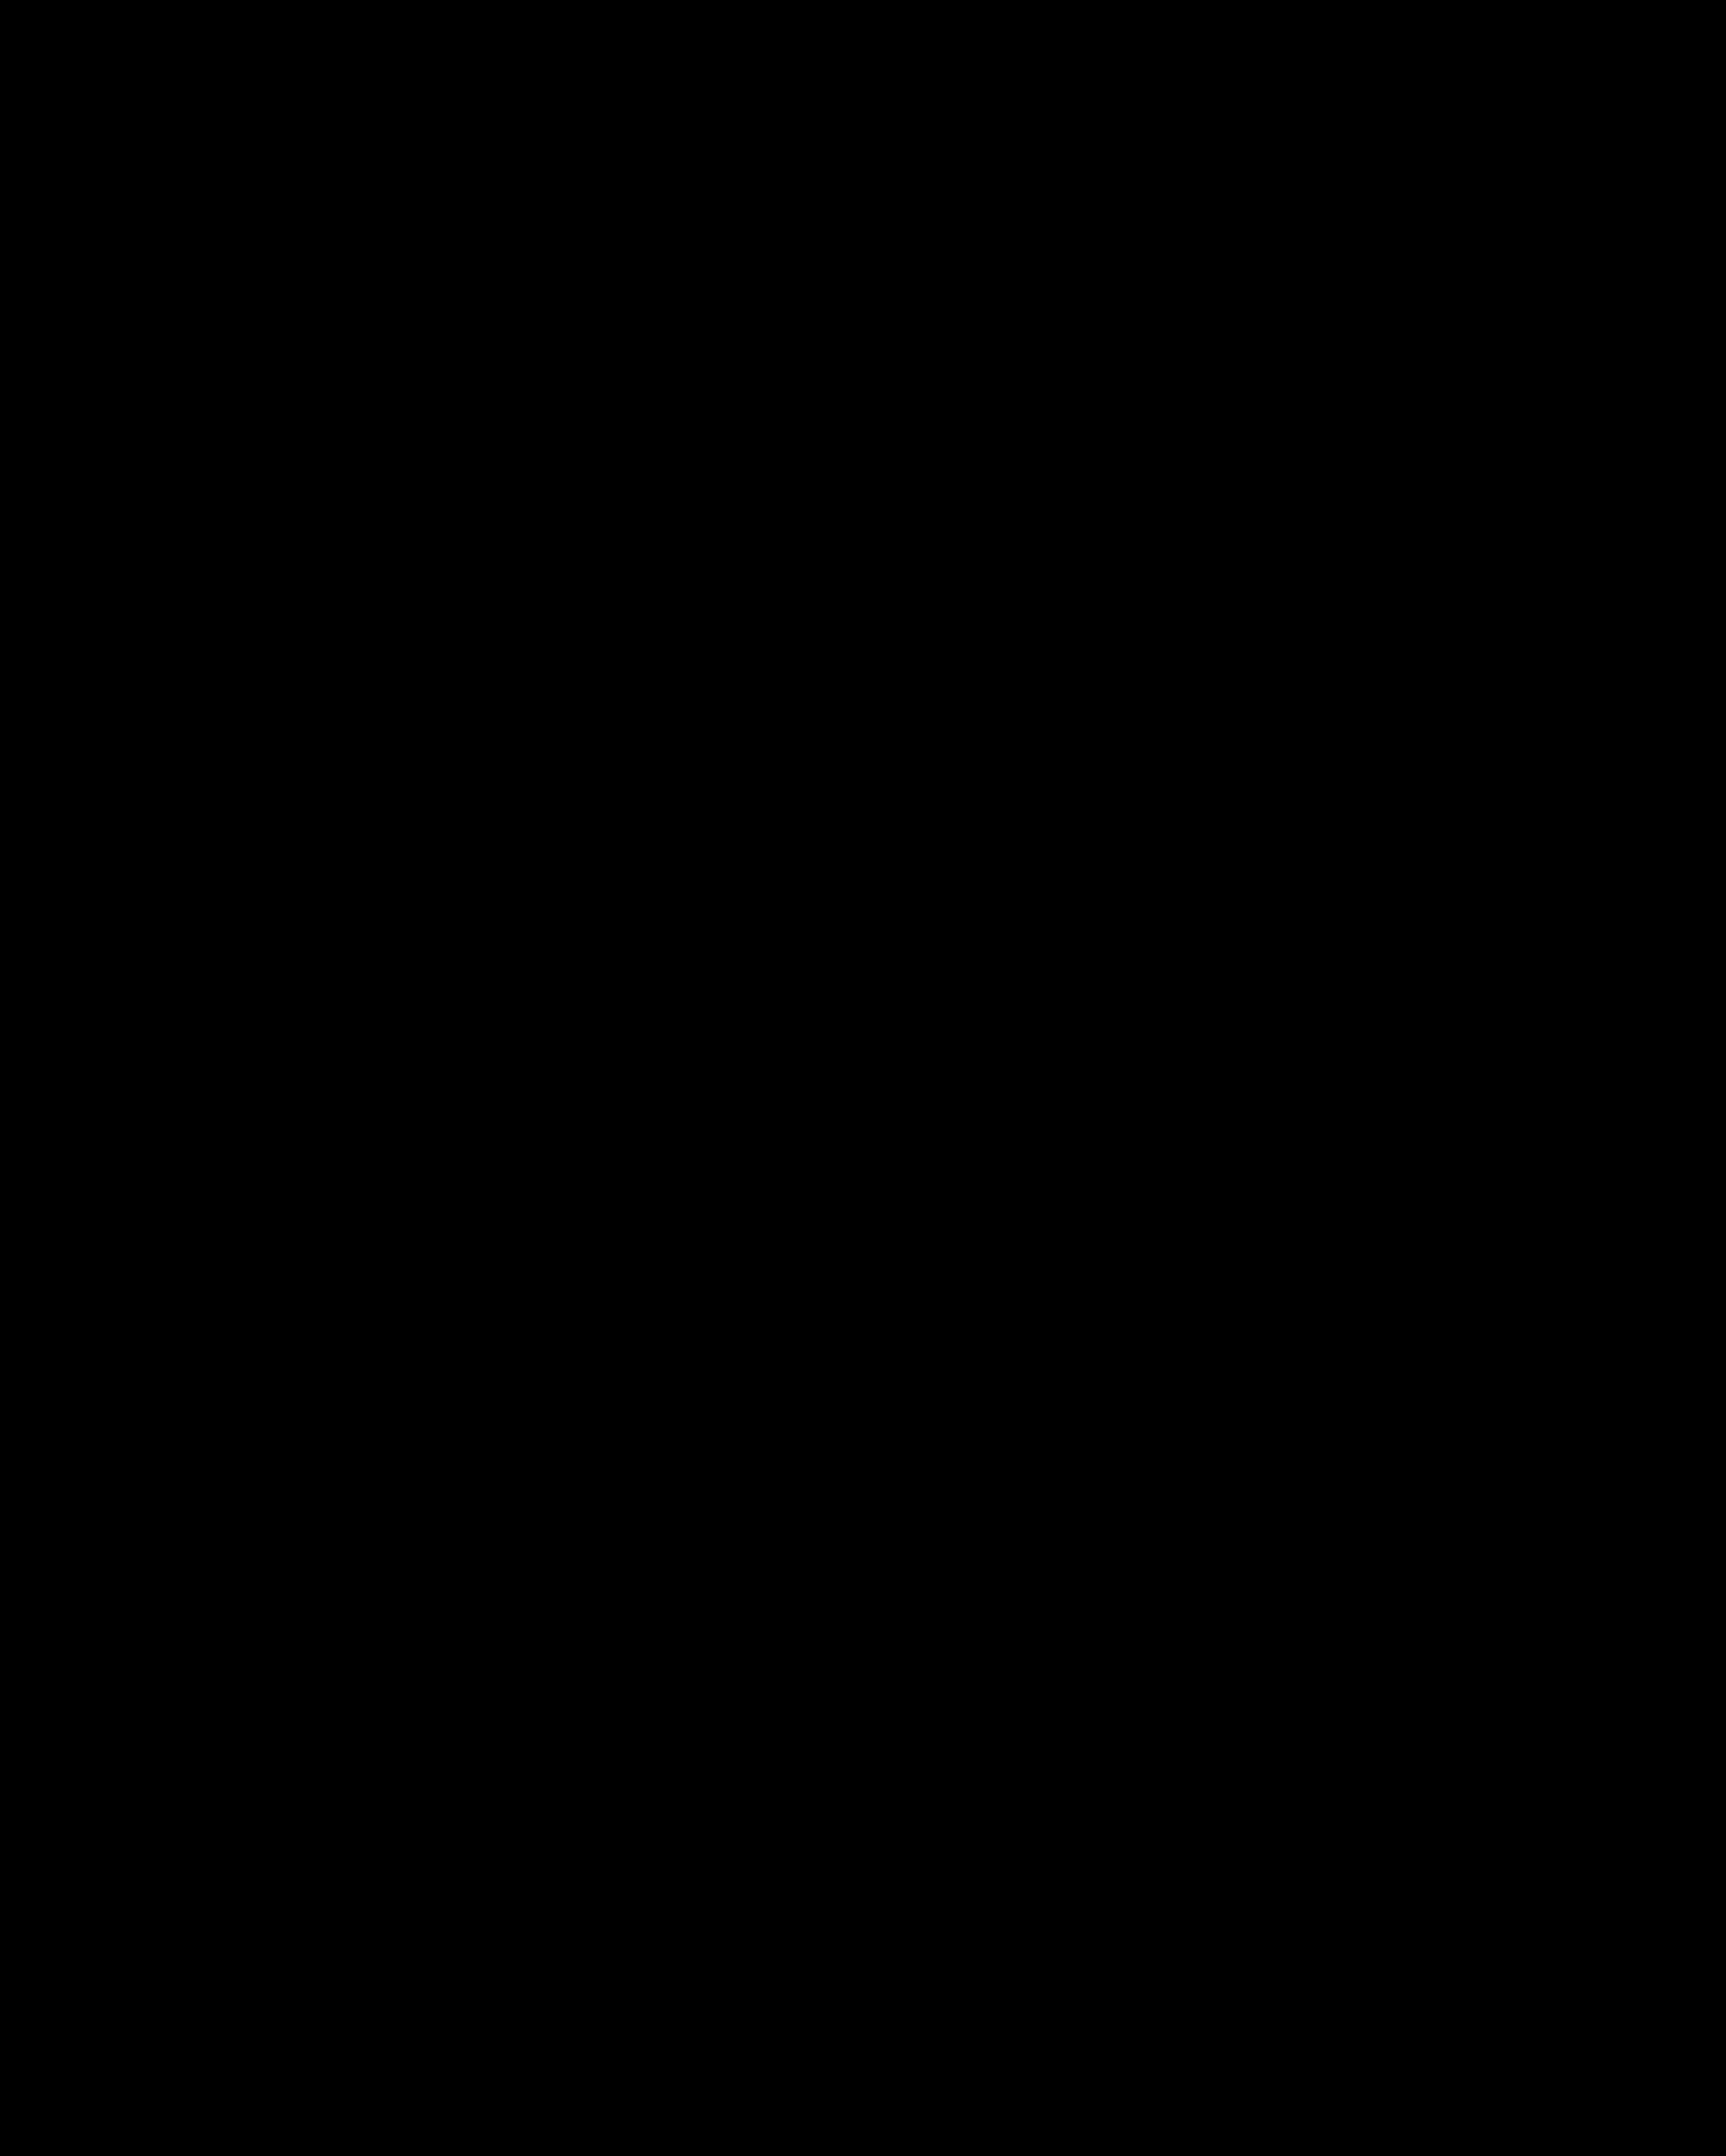 American oem introduces raintree waterproof wood floor